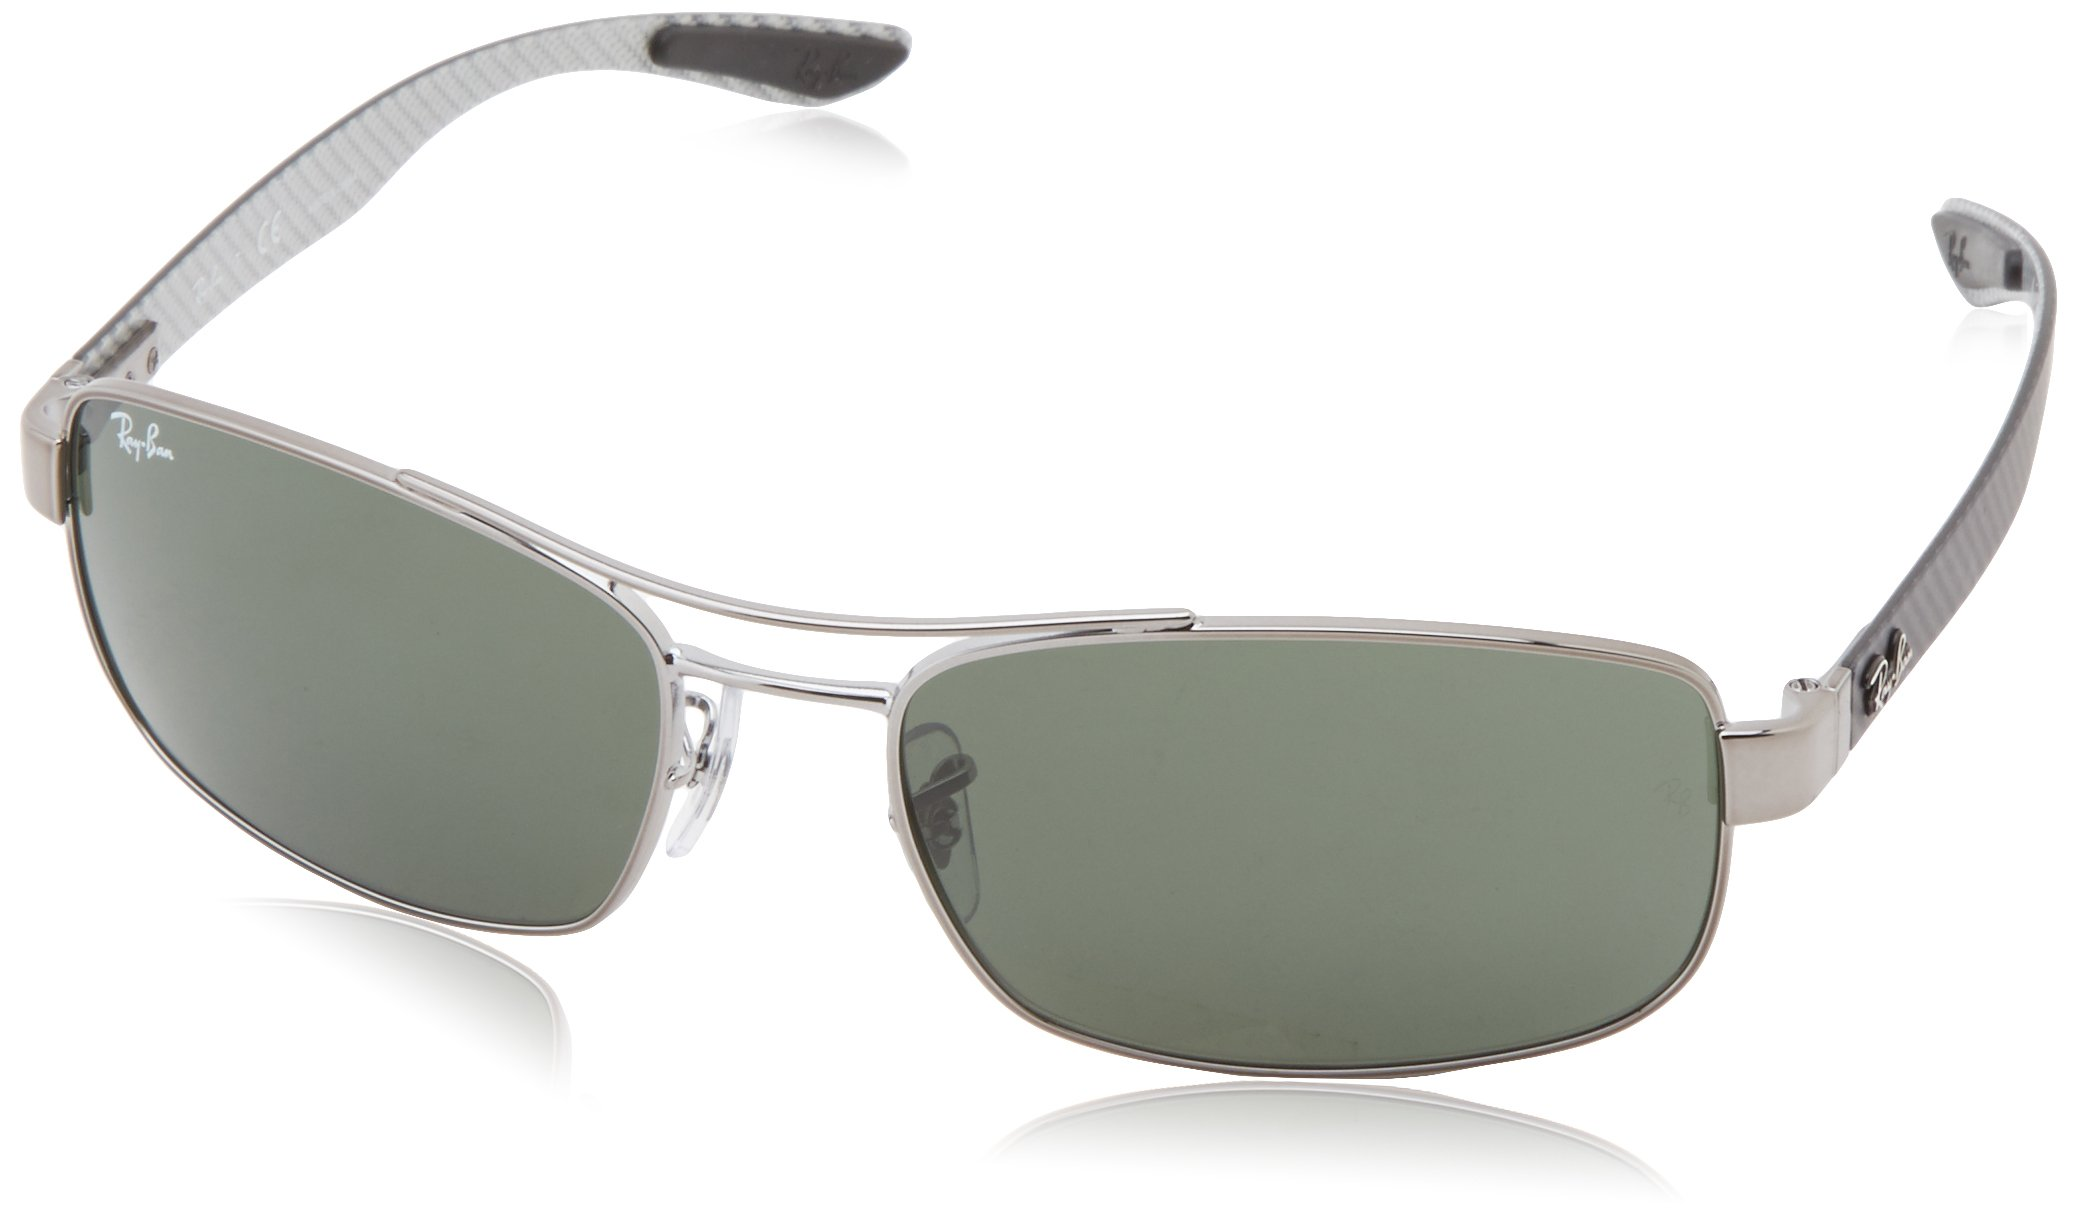 Ray-Ban Mens Carbon Fibre Sunglasses (RB8316 62) Metal Gunmetal ... 51baa8f09260